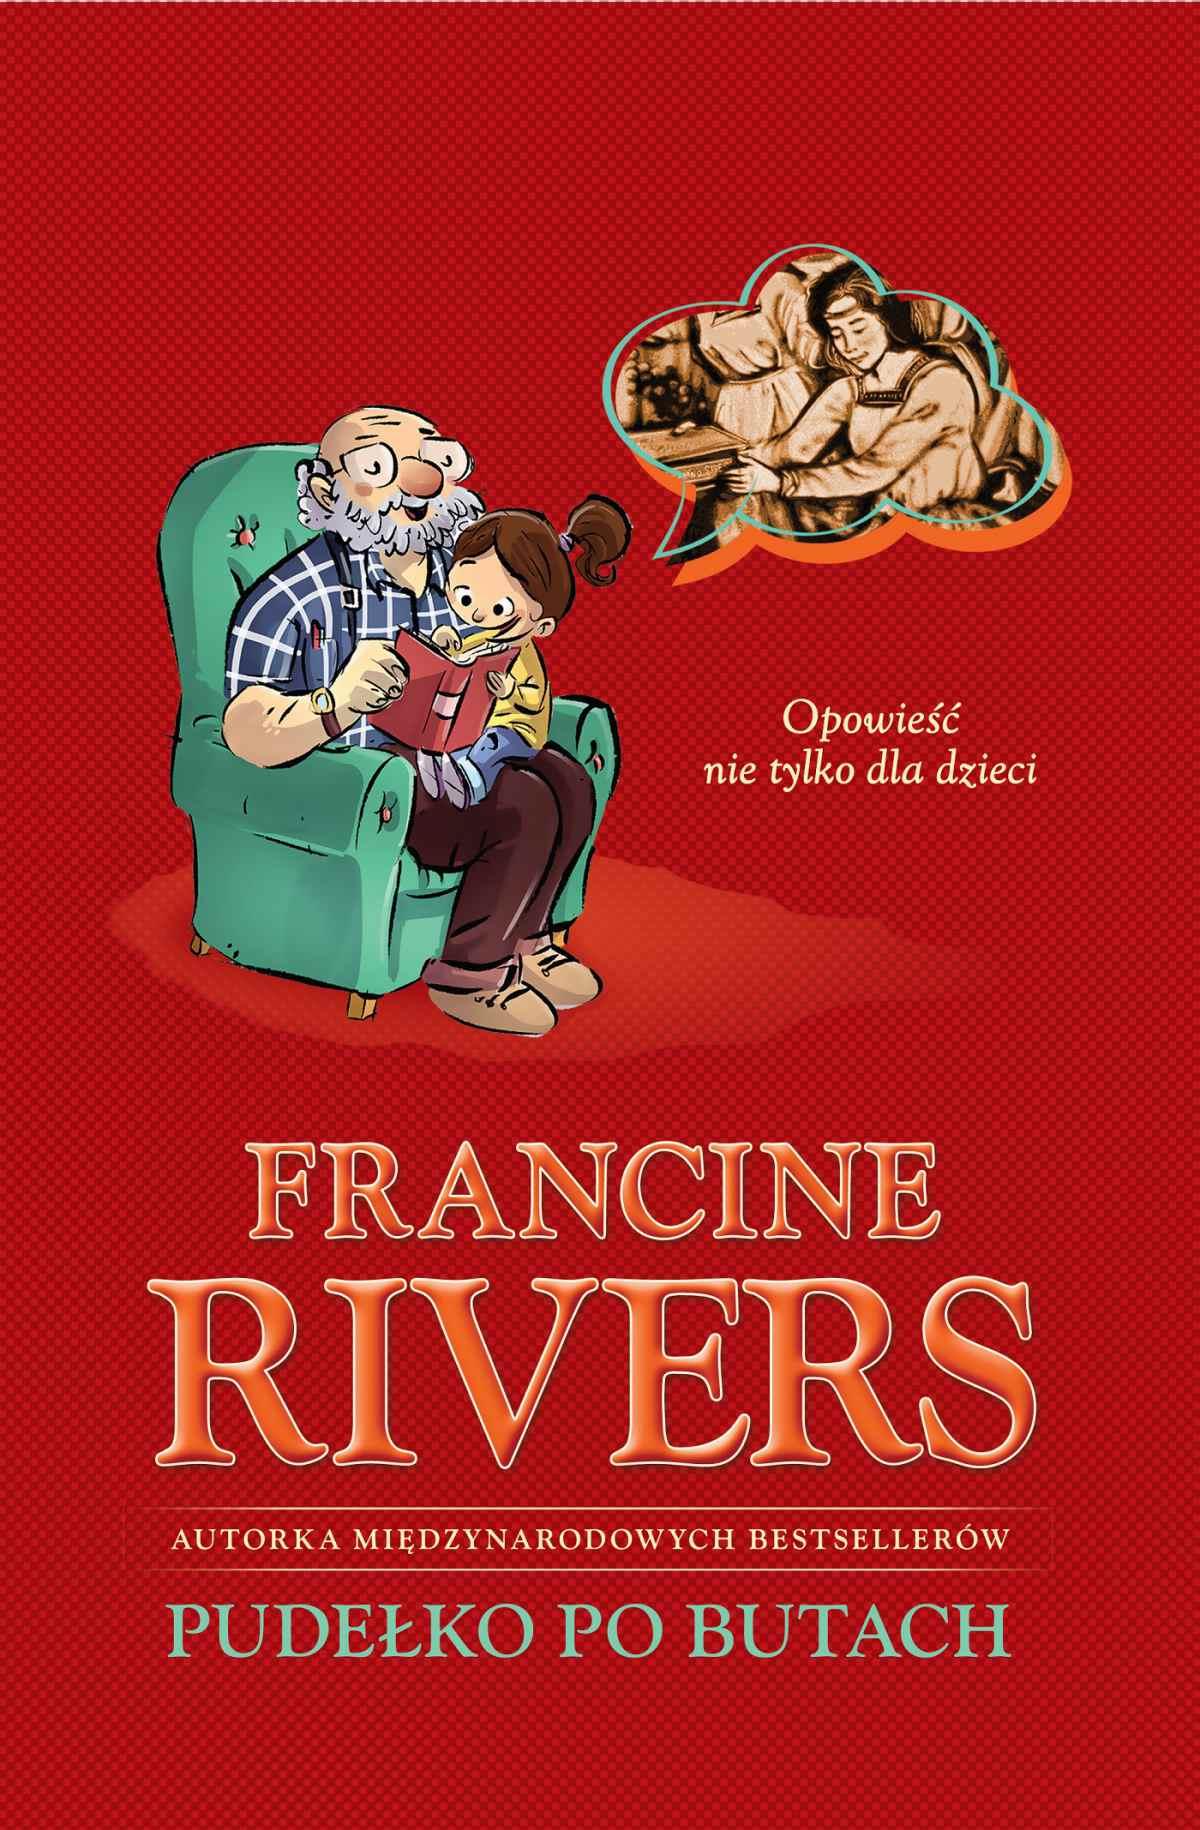 Pudełko po butach Opowieść nie tylko dla dzieci - Francine Rivers - Ebook (Książka na Kindle) do pobrania w formacie MOBI